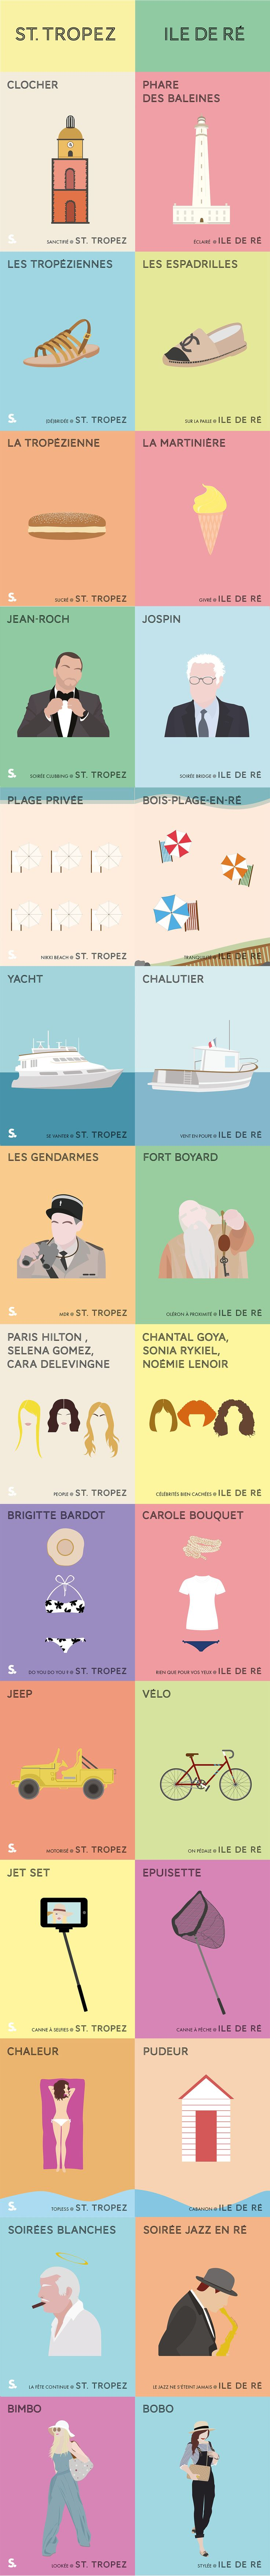 L'infographie du jour : la battle entre Saint-Tropez et l'île de Ré